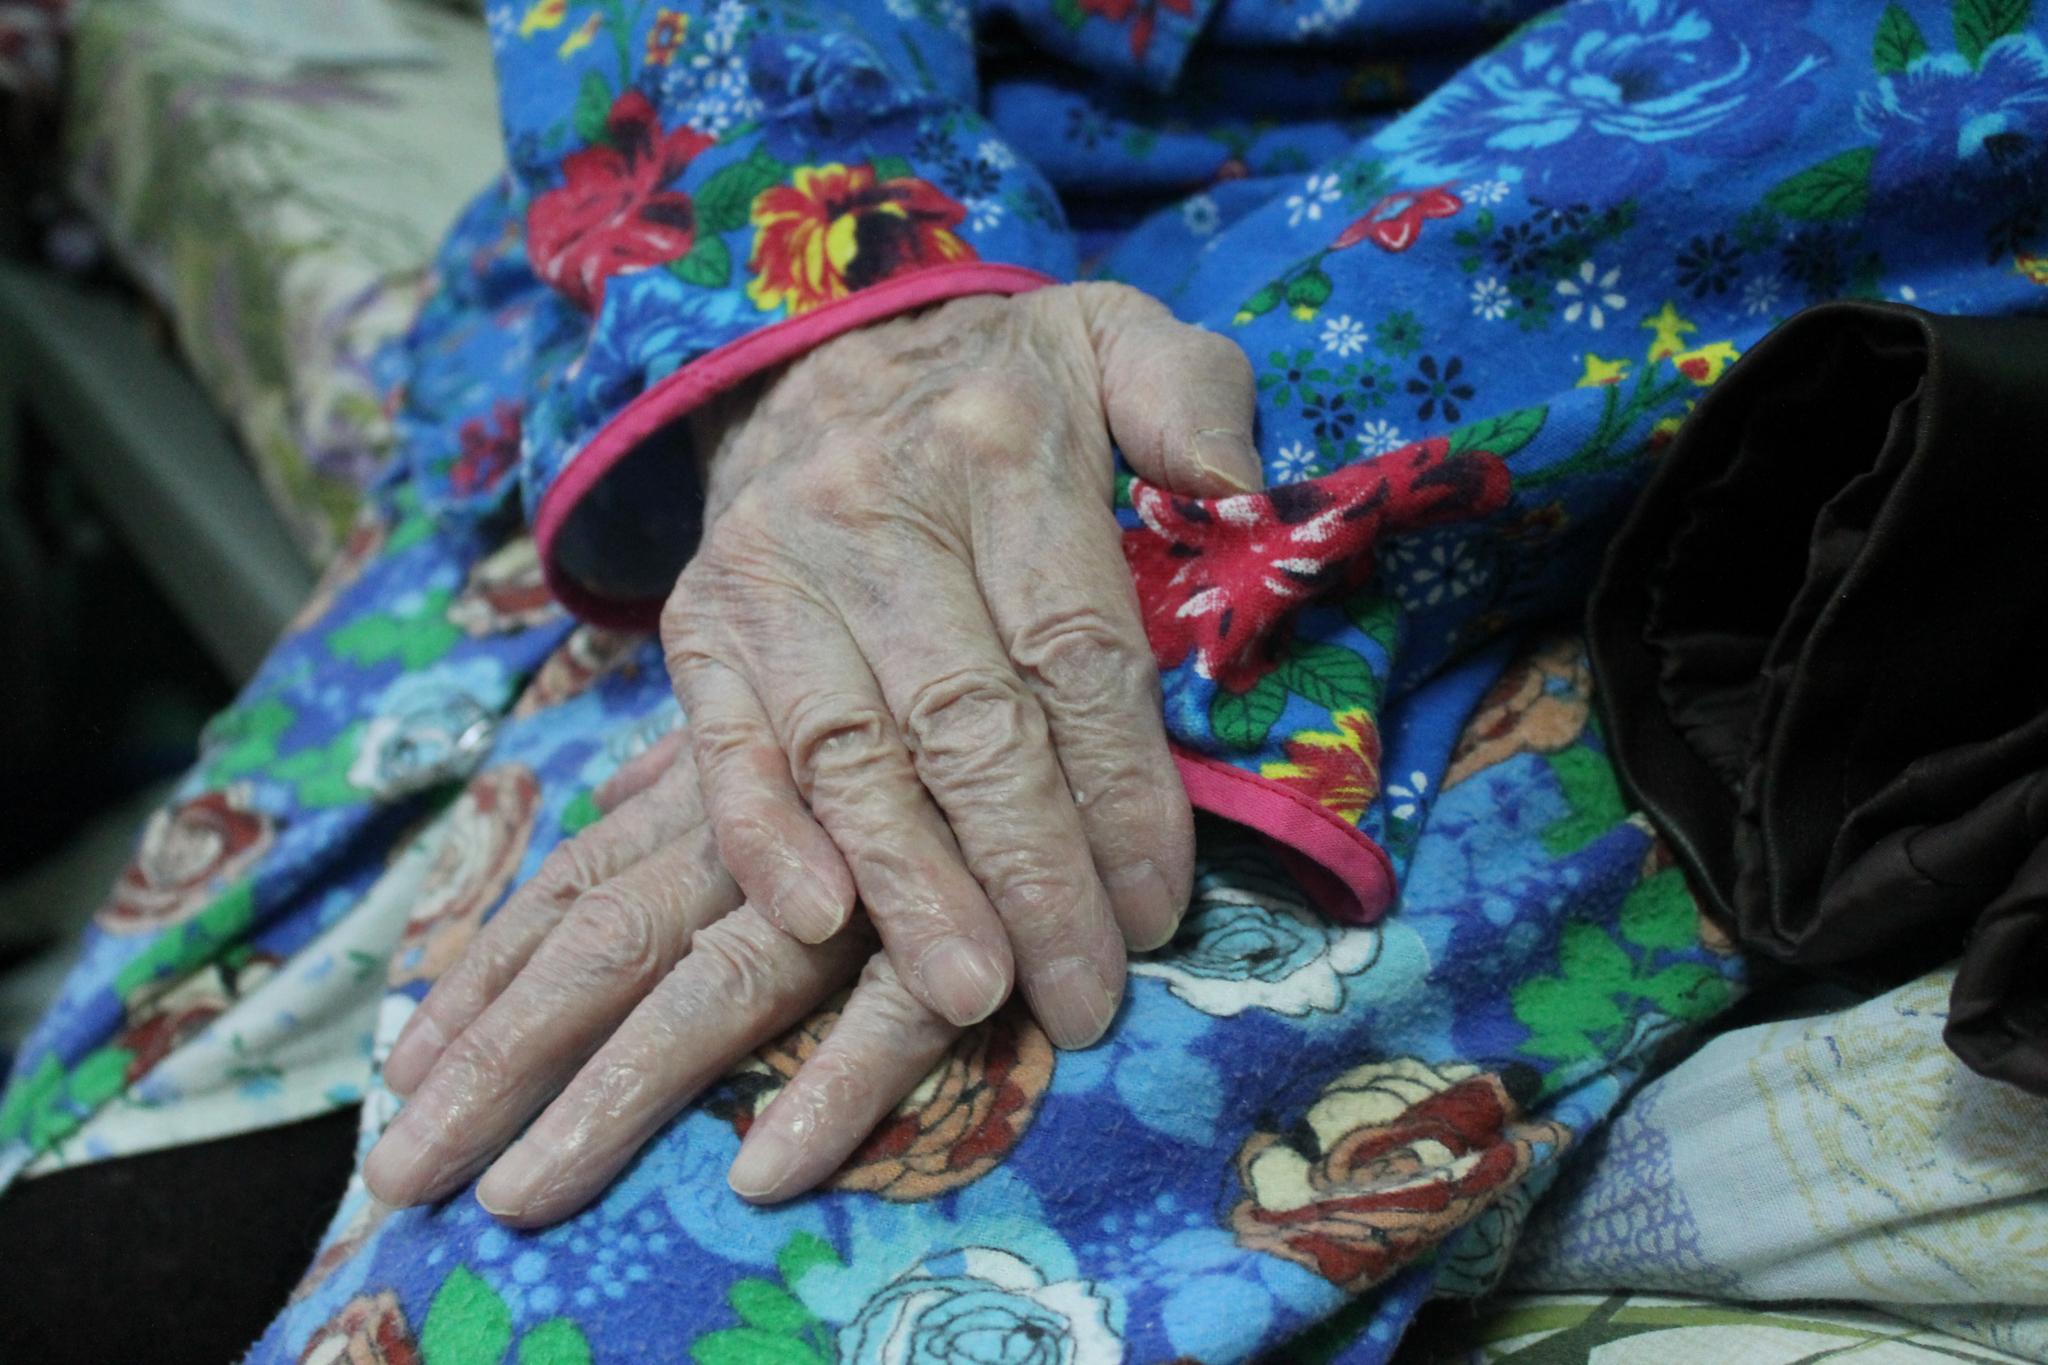 Жительница чепецкого дома-интерната: «Я тут такая, как все, и не мешаю никому»